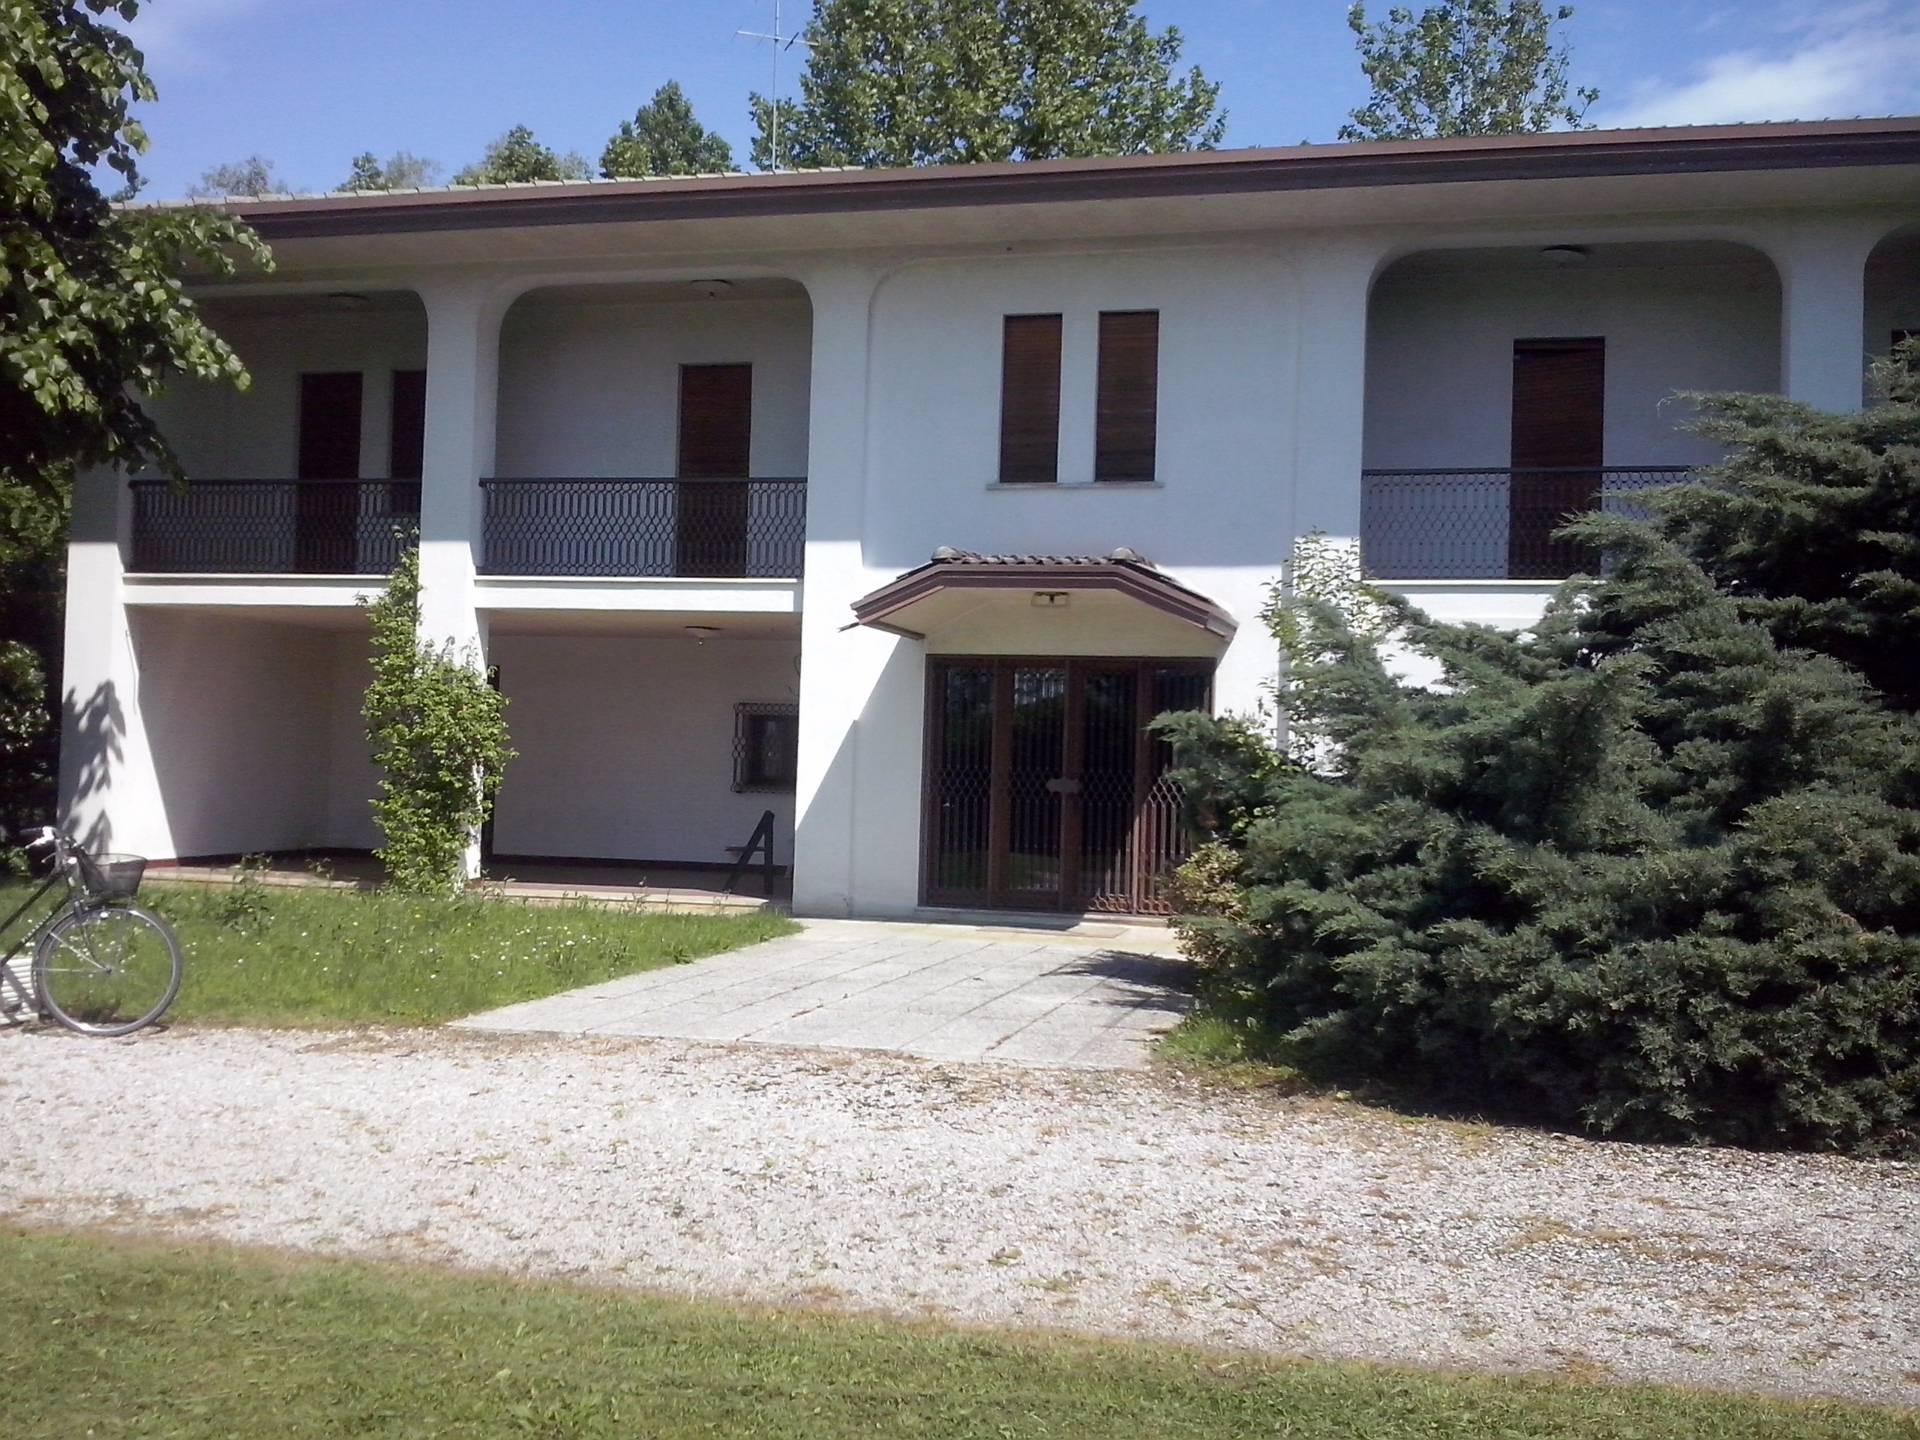 Villa in affitto a Treviso, 10 locali, zona Località: Selvana, Trattative riservate | CambioCasa.it